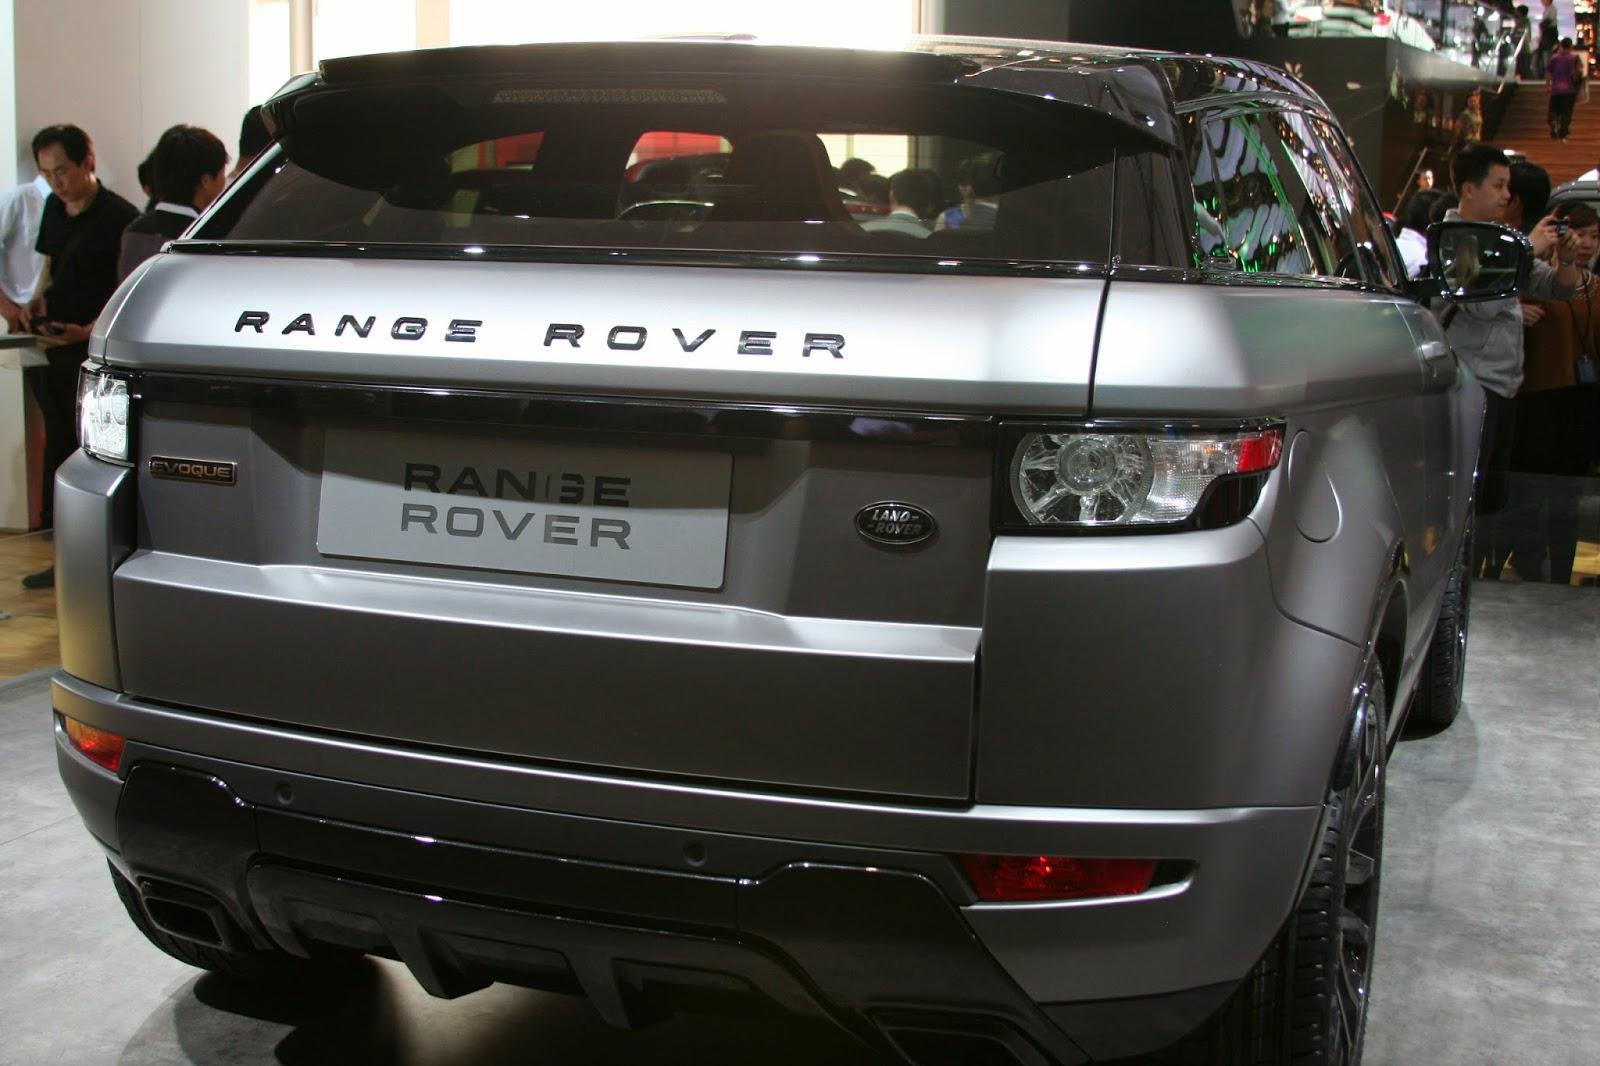 http://1.bp.blogspot.com/-dBGL69q4210/U8eLujH0qDI/AAAAAAAAJaY/czh7czul4d0/s1600/2012_Auto_China_Land_Rover_Range_Rover_Evoque_Special_Edition_with_Victoria_Beckham_Beijing_+IMG_3384.JPG